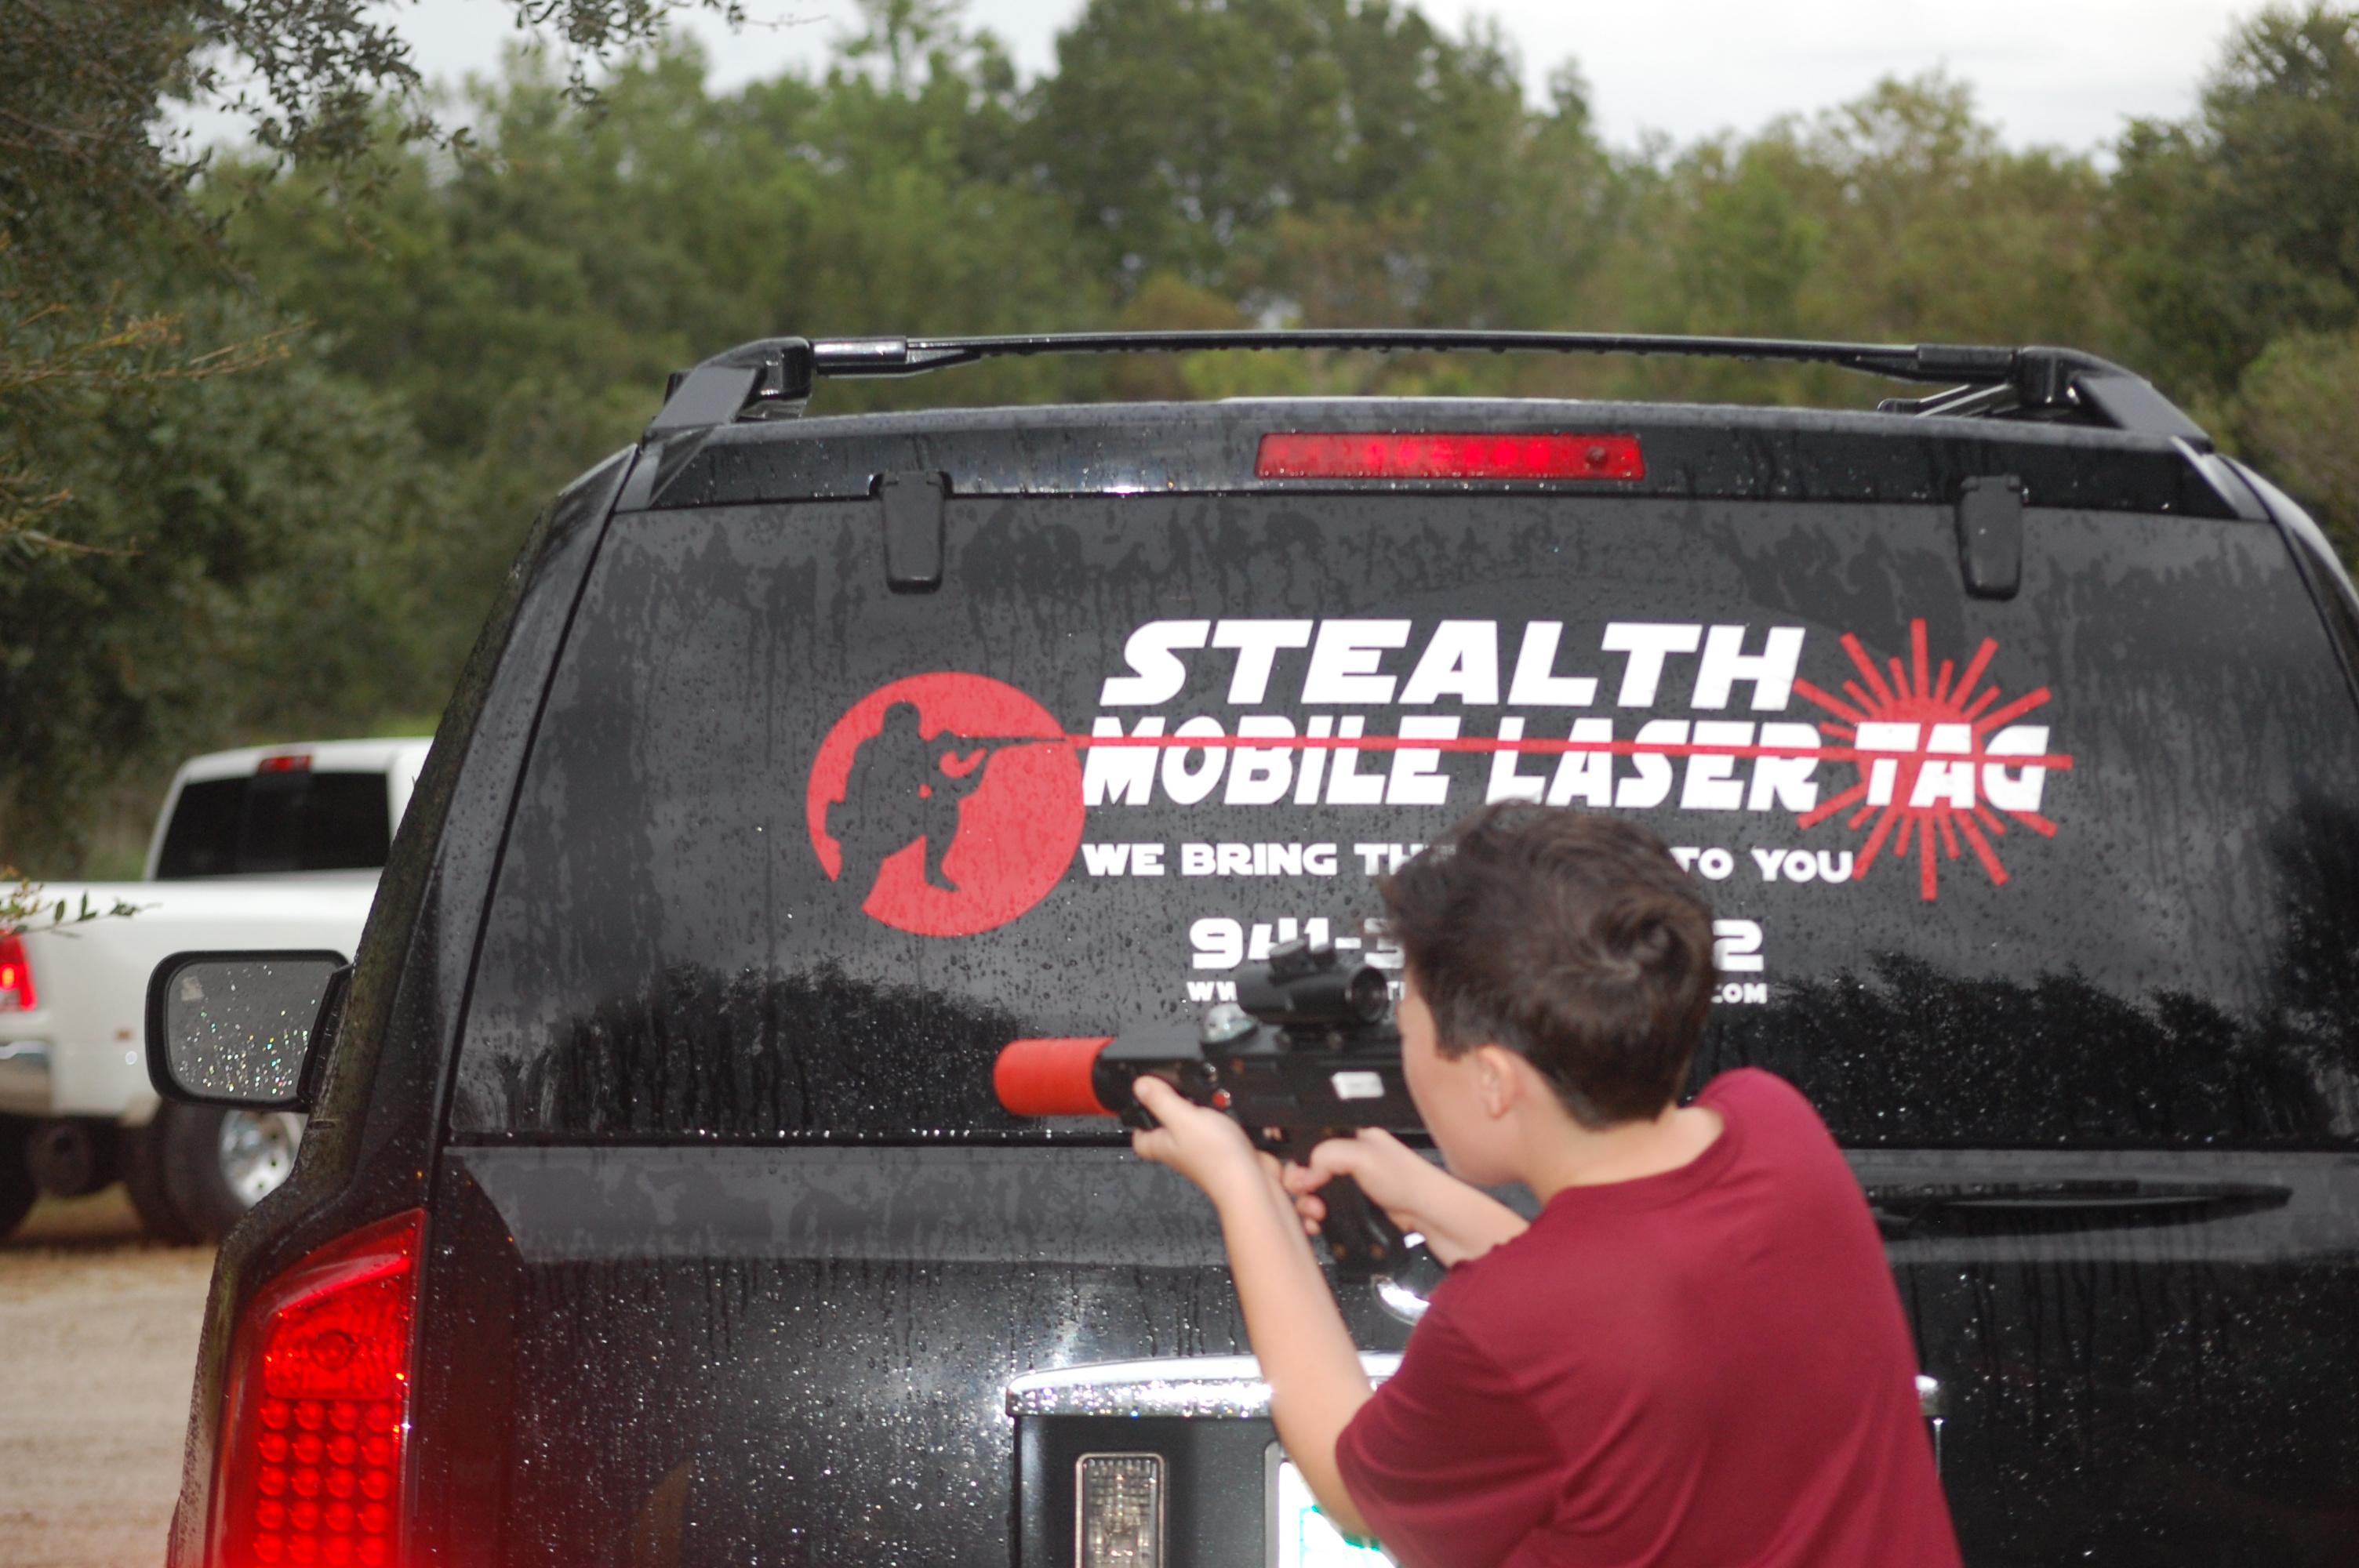 Mobile Laser Tag in Bradenton, FL (14)